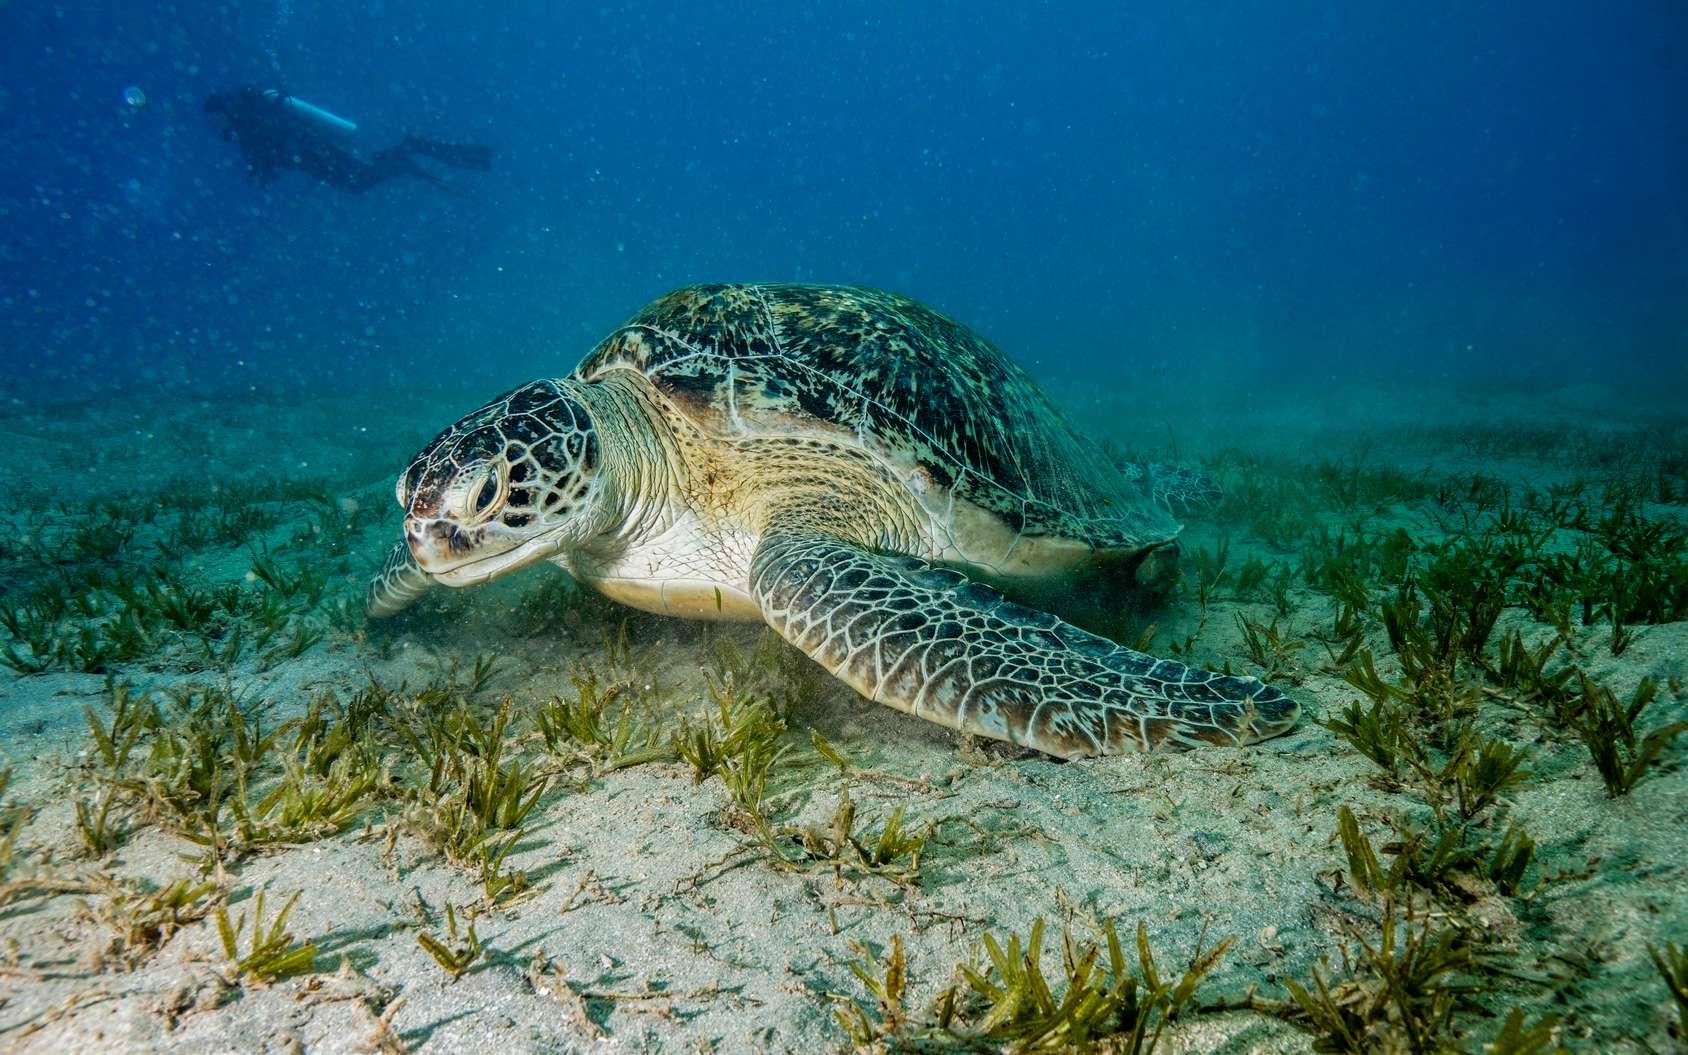 Dans les eaux d'Égypte évoluent des tortues de mer. © Mina Ryad, Fotolia